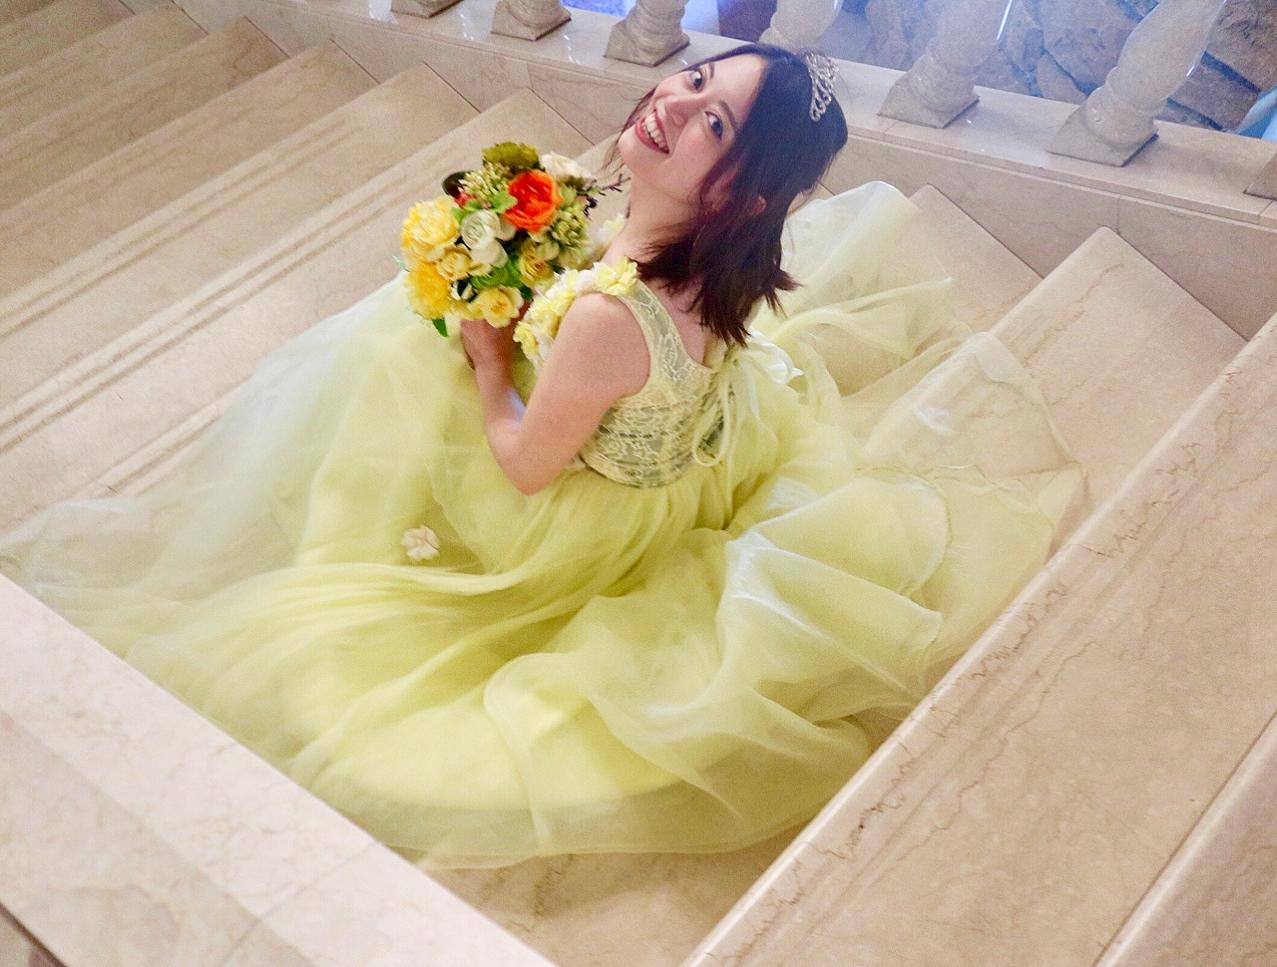 「翔んで埼玉」のロケ地《ロックハート城》でプリンセス体験♡_6